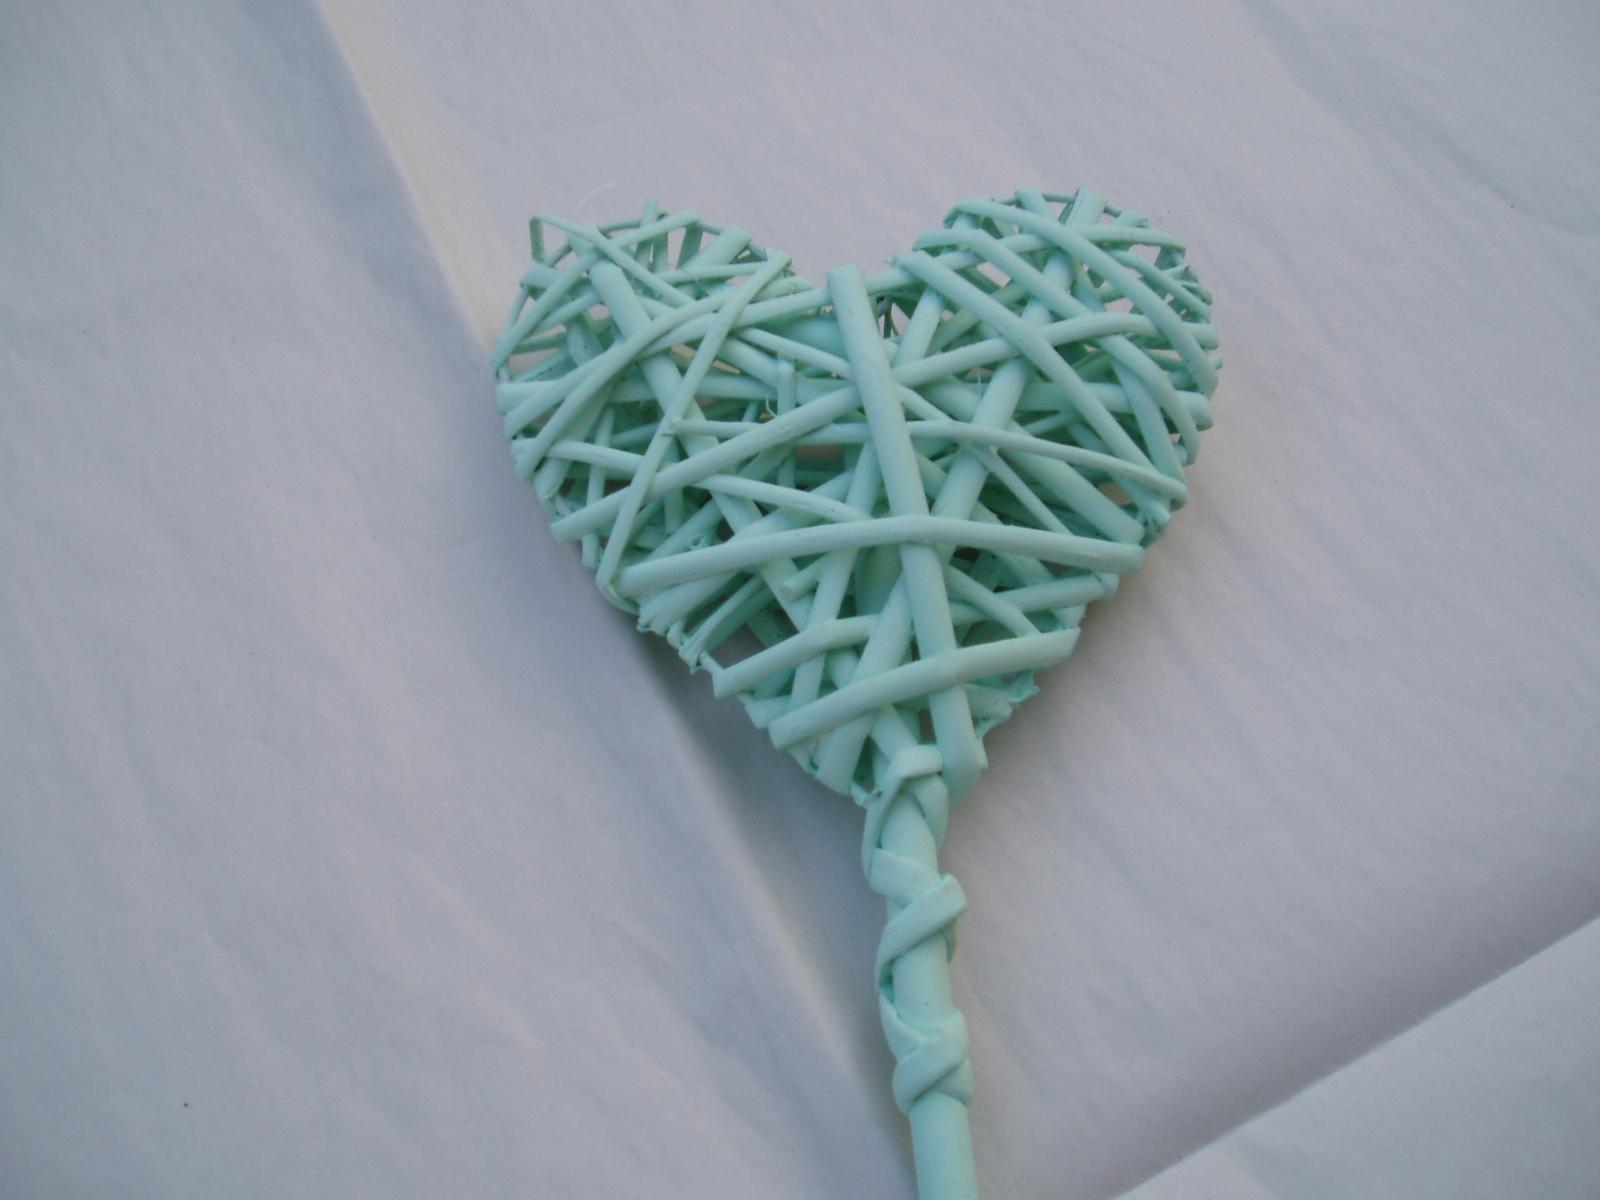 srdce na tyči - Obrázek č. 1